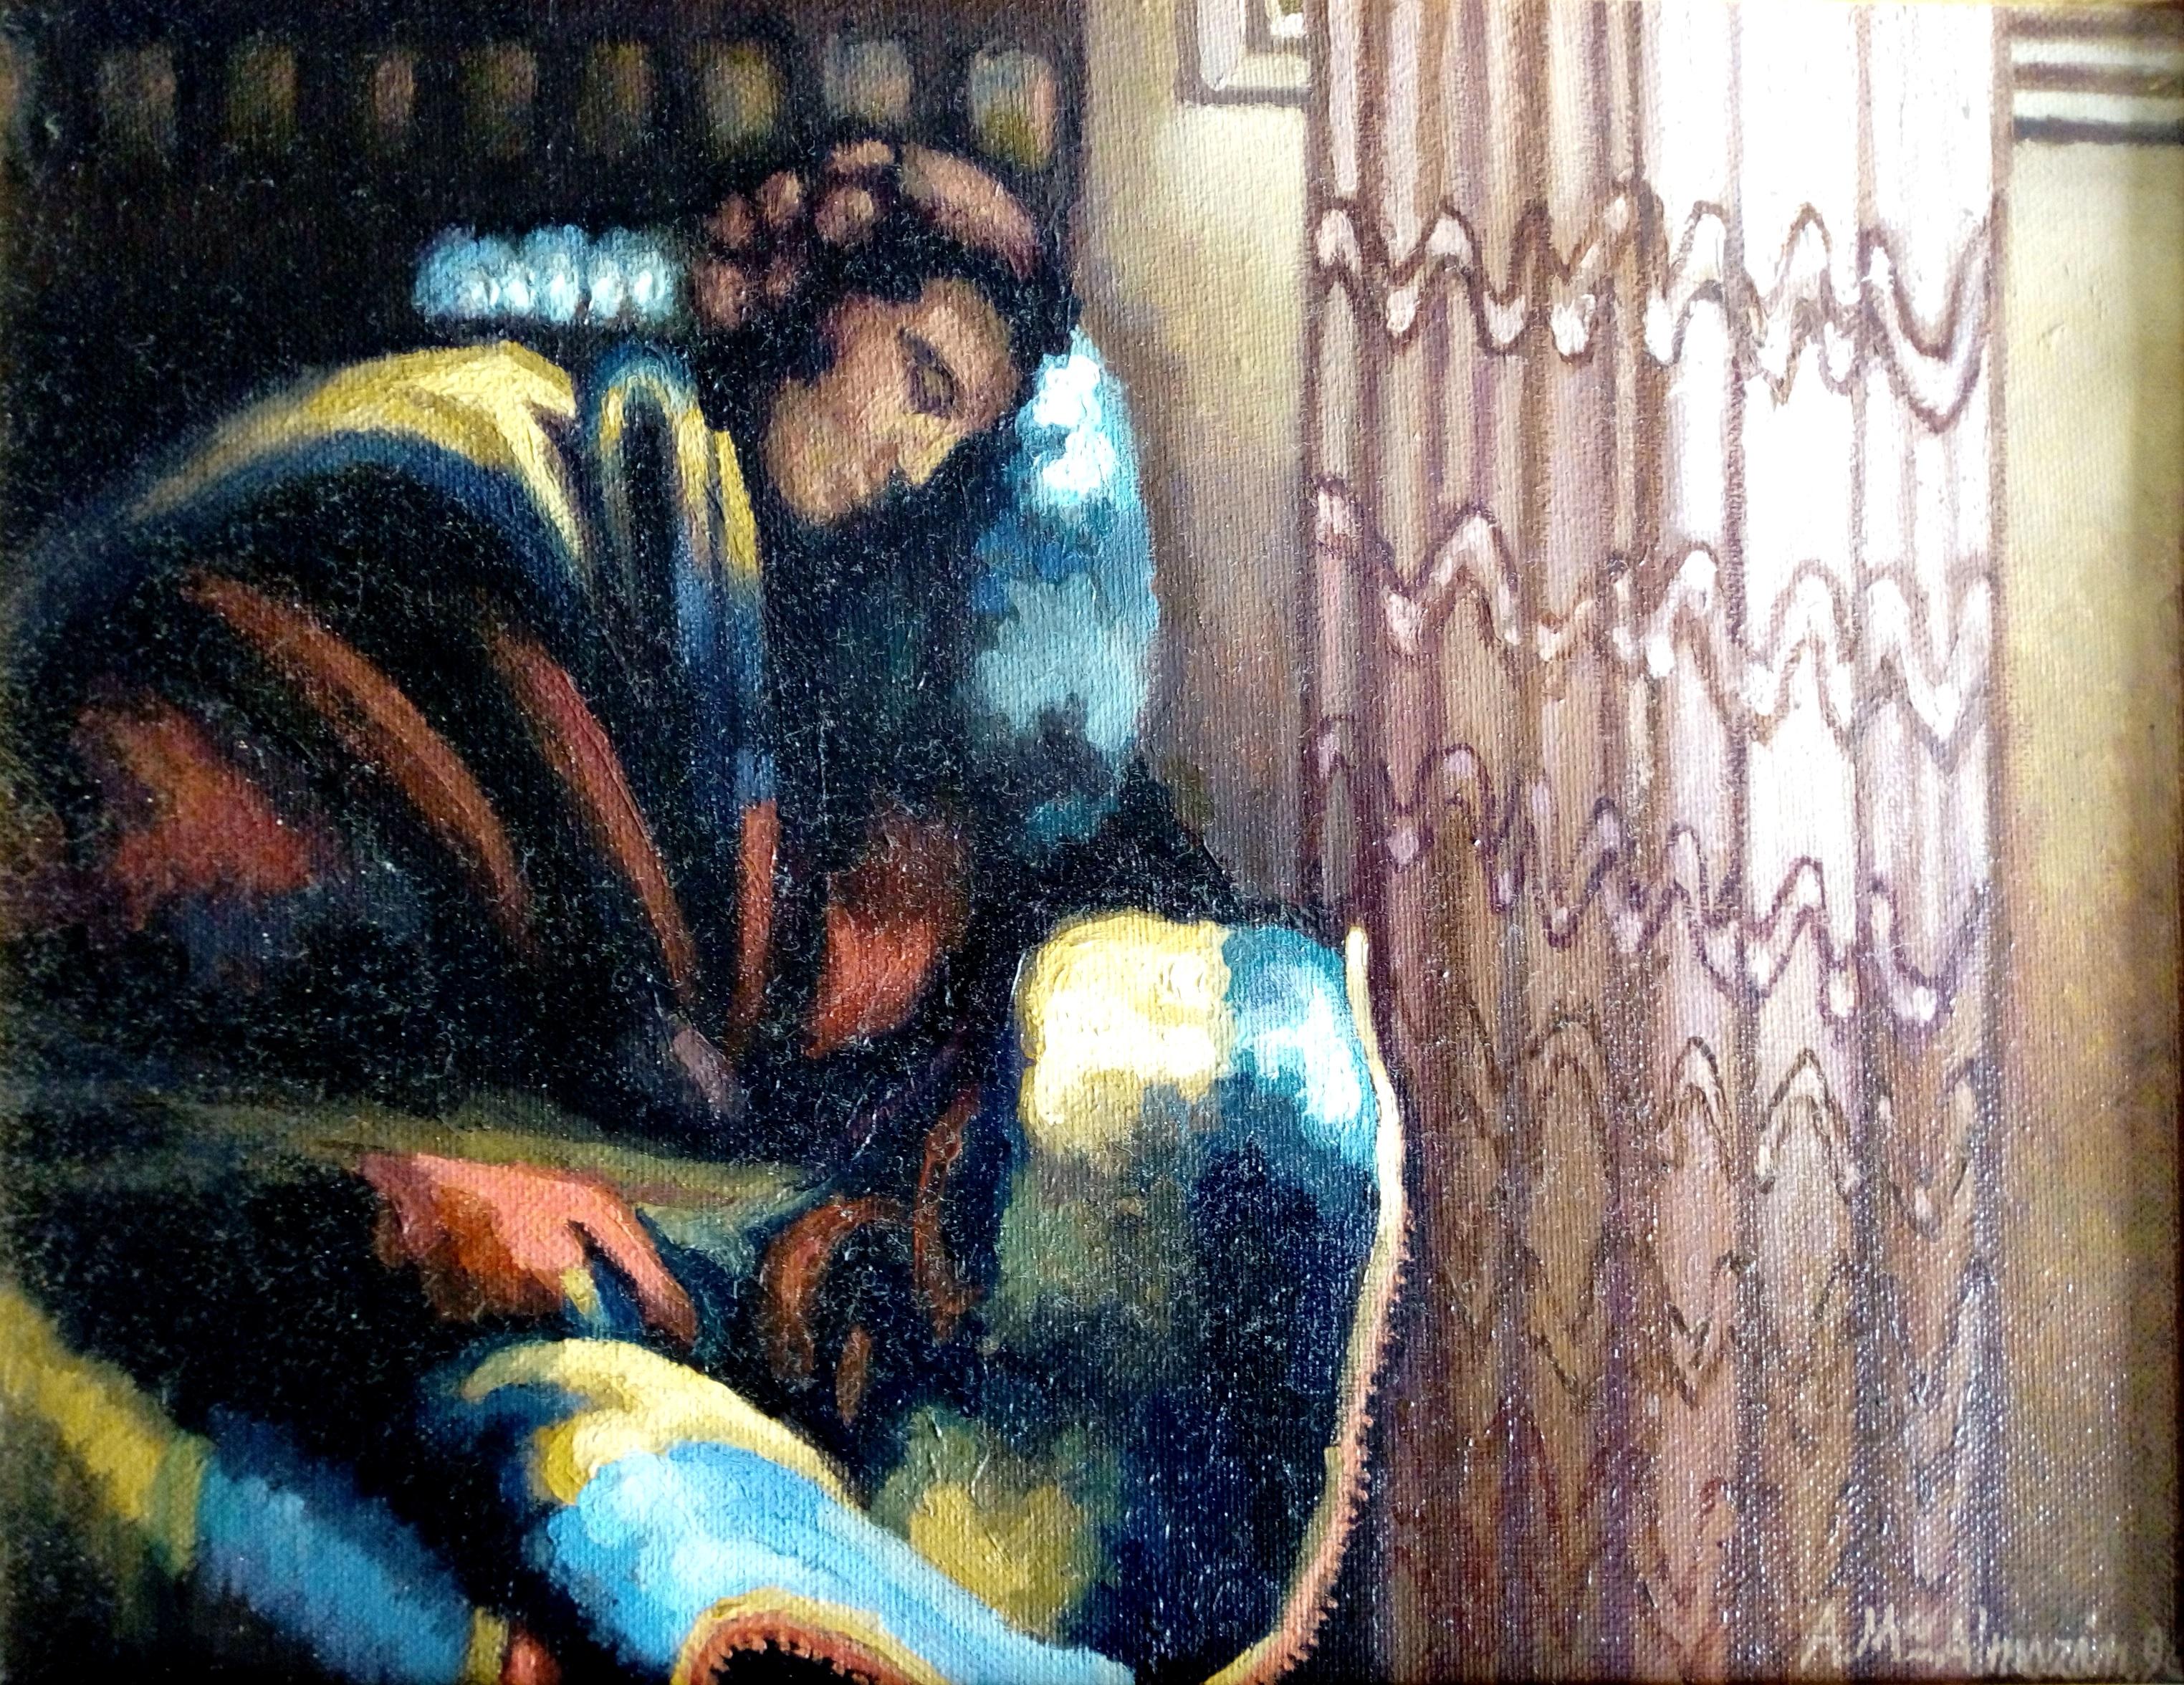 Mujer durmiente.1996. 34x26